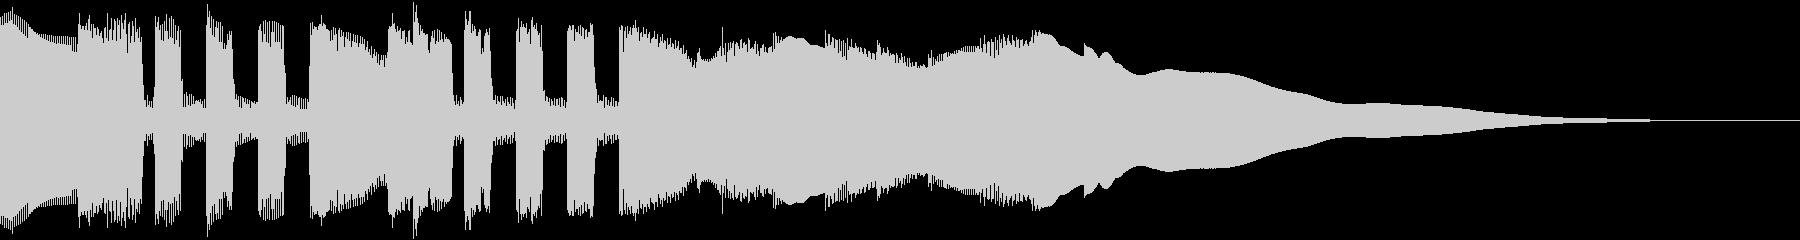 ファーンファファン…(ゲームクリア音)の未再生の波形